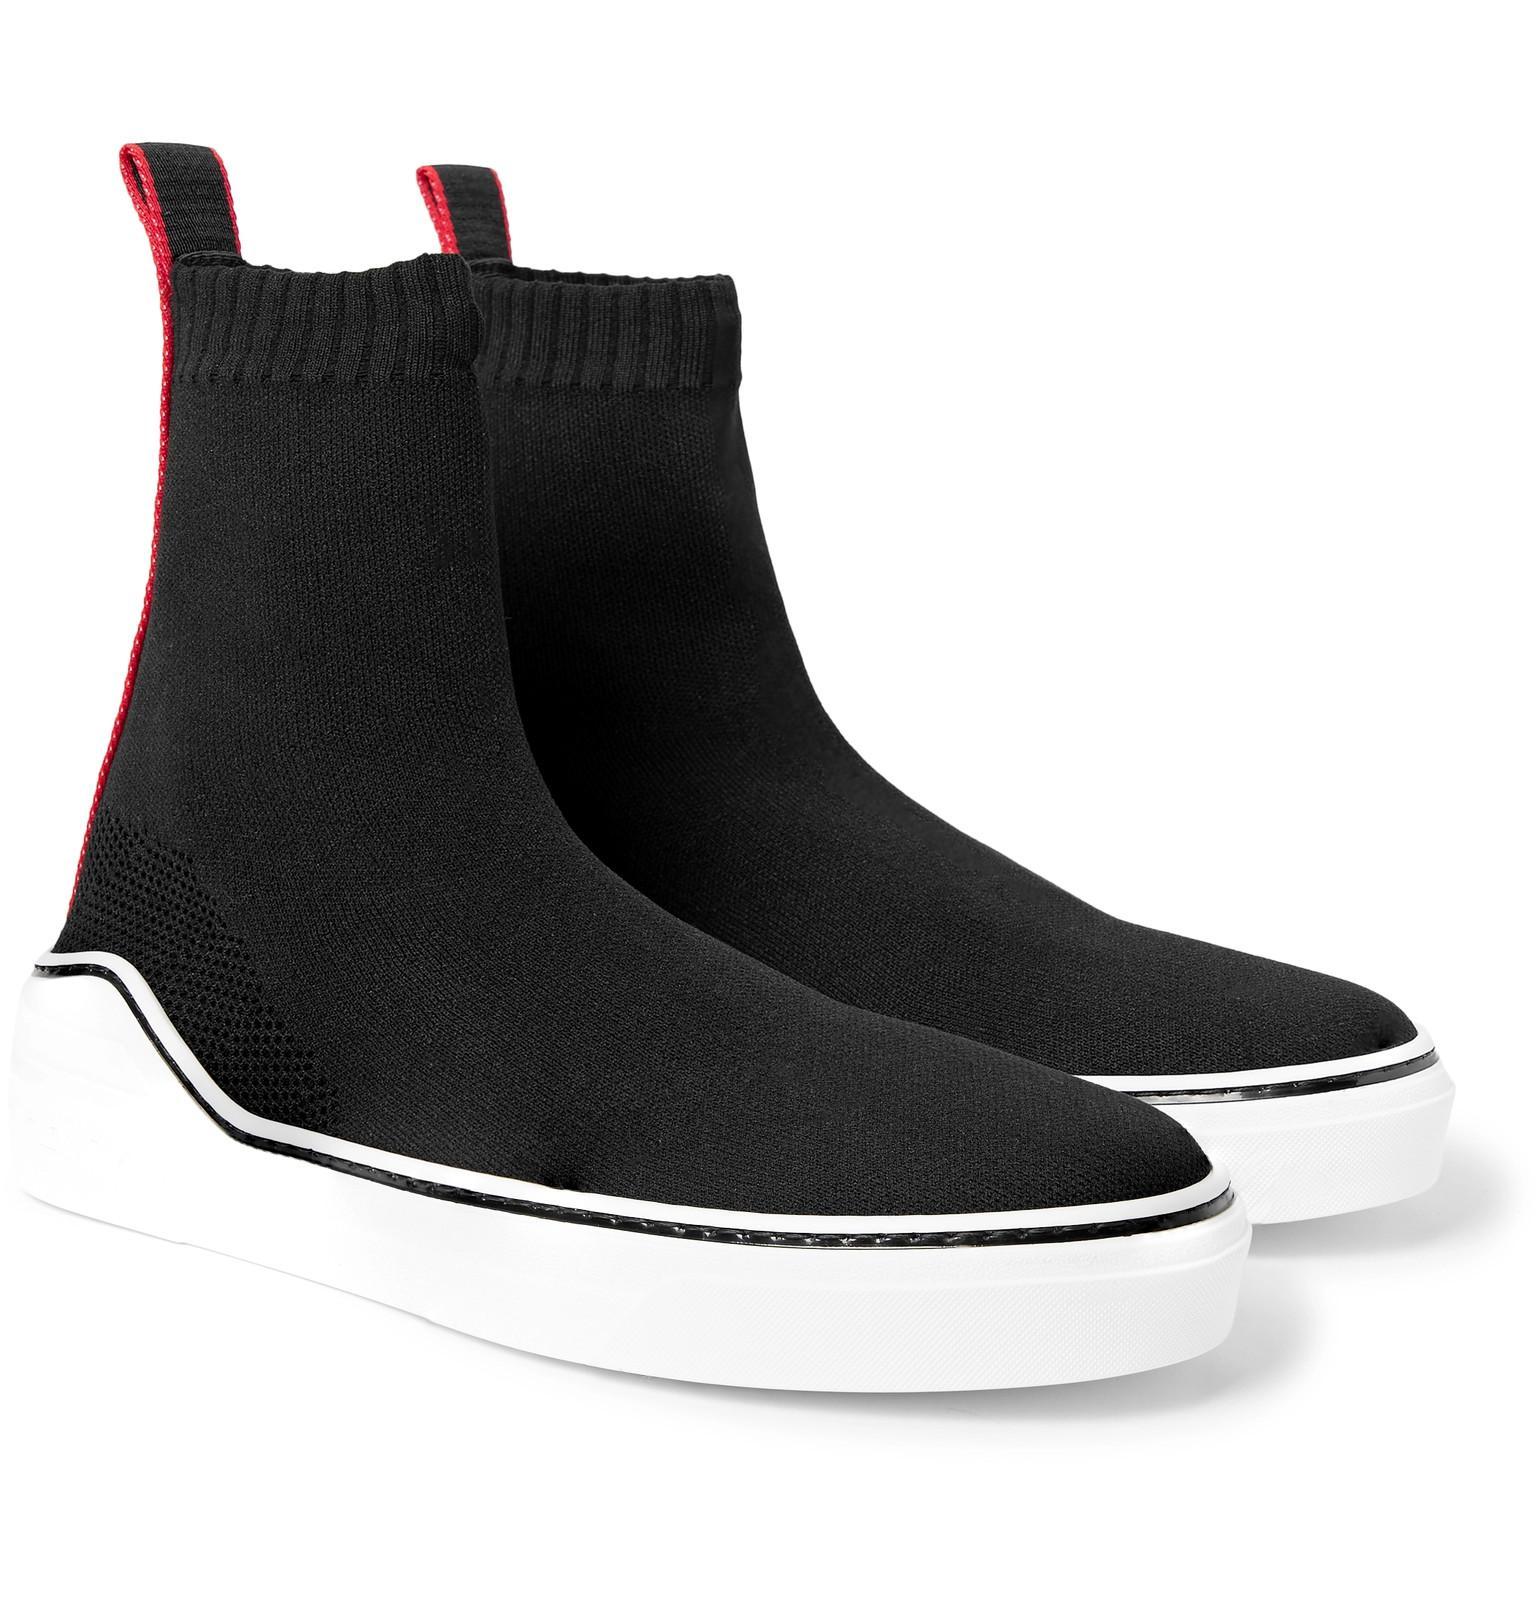 Extensibles En Tricot Garni De Gros-grain-chaussures Haut-dessus Givenchy 9ZWQZ6Zj